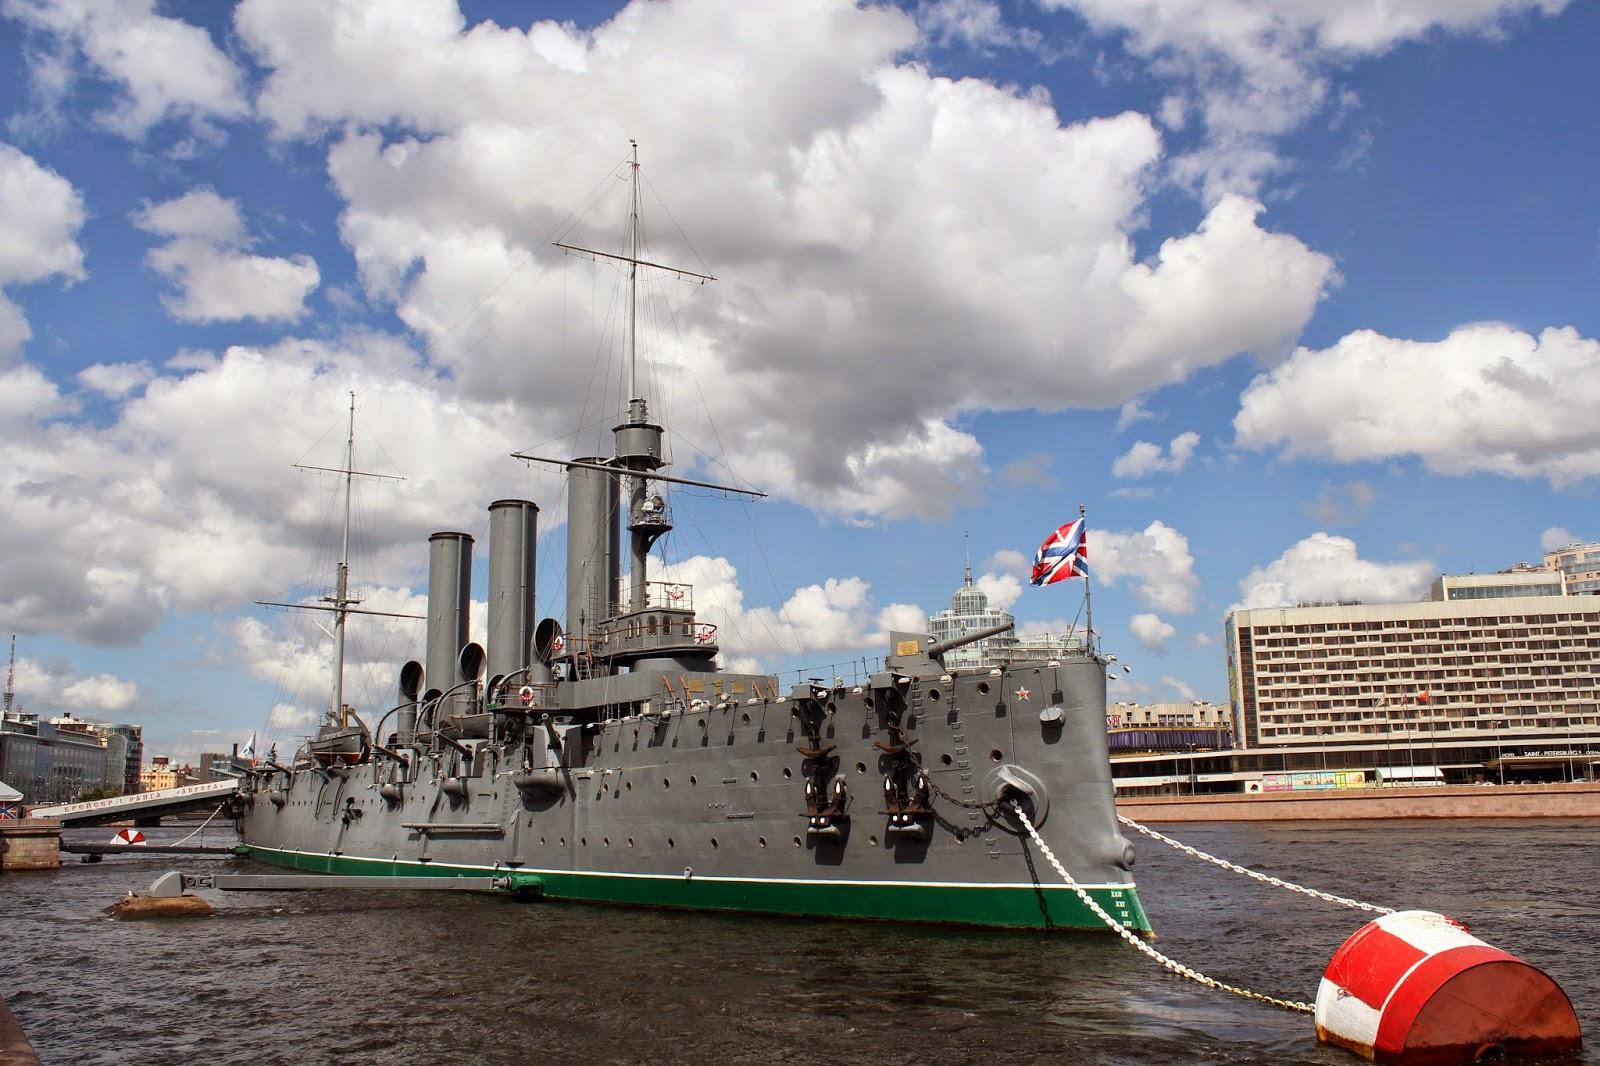 главный корабль страны Советов